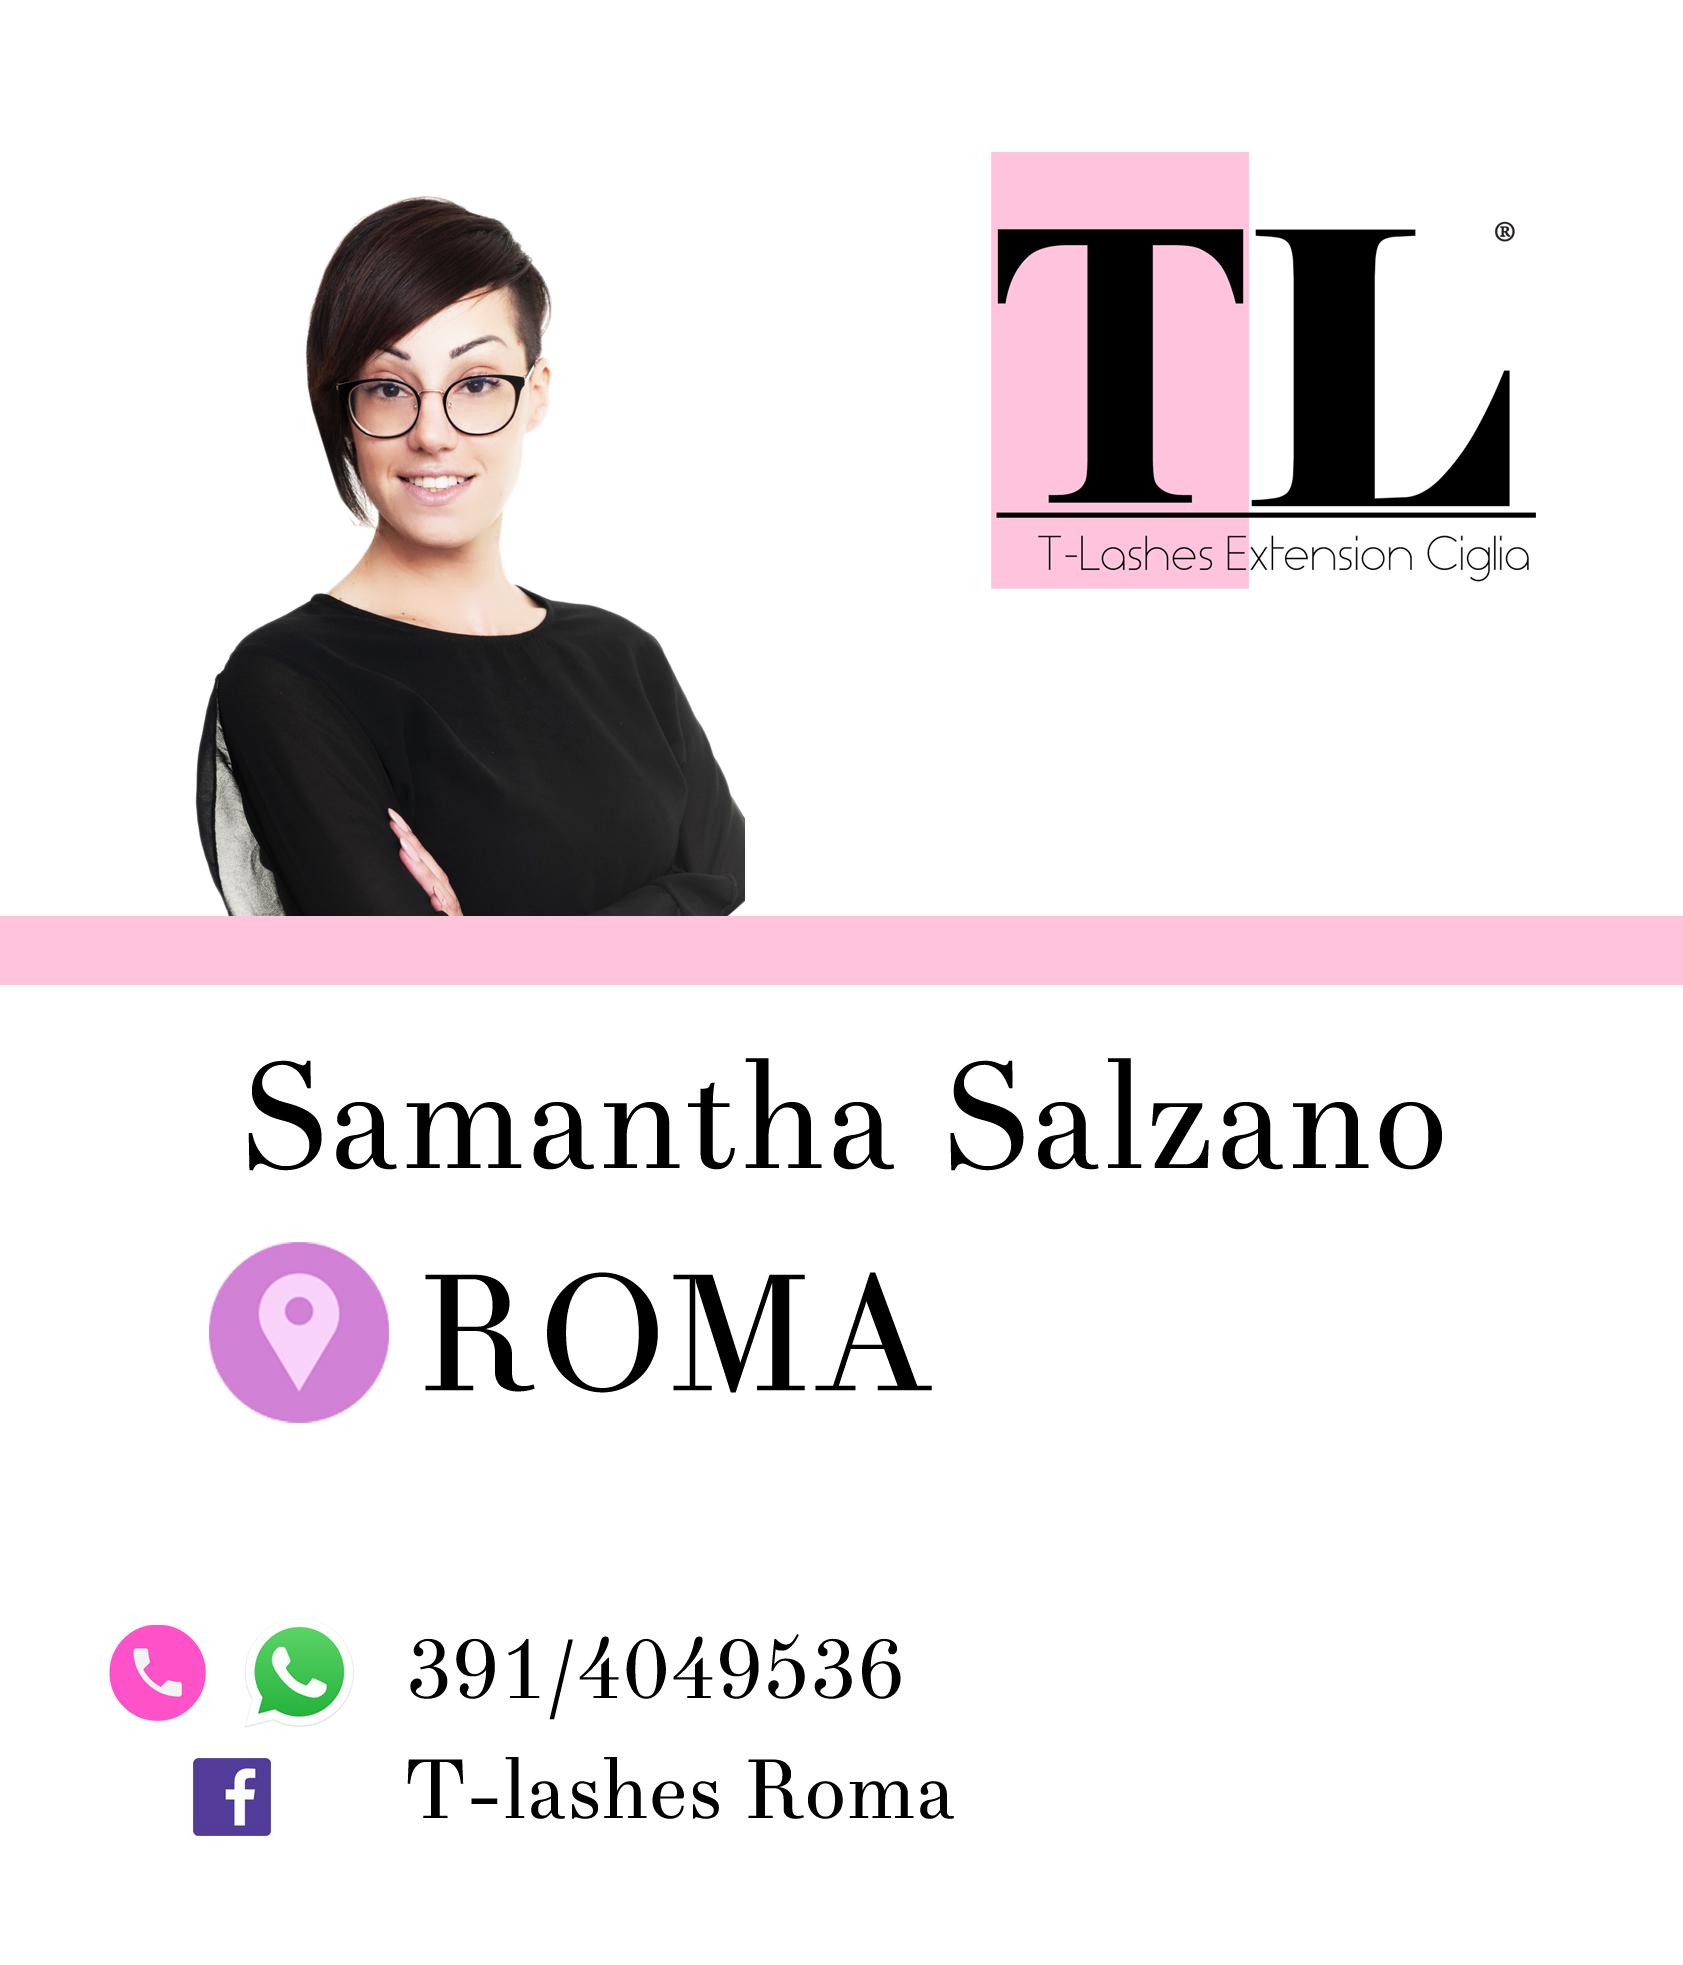 samantha_2.jpg